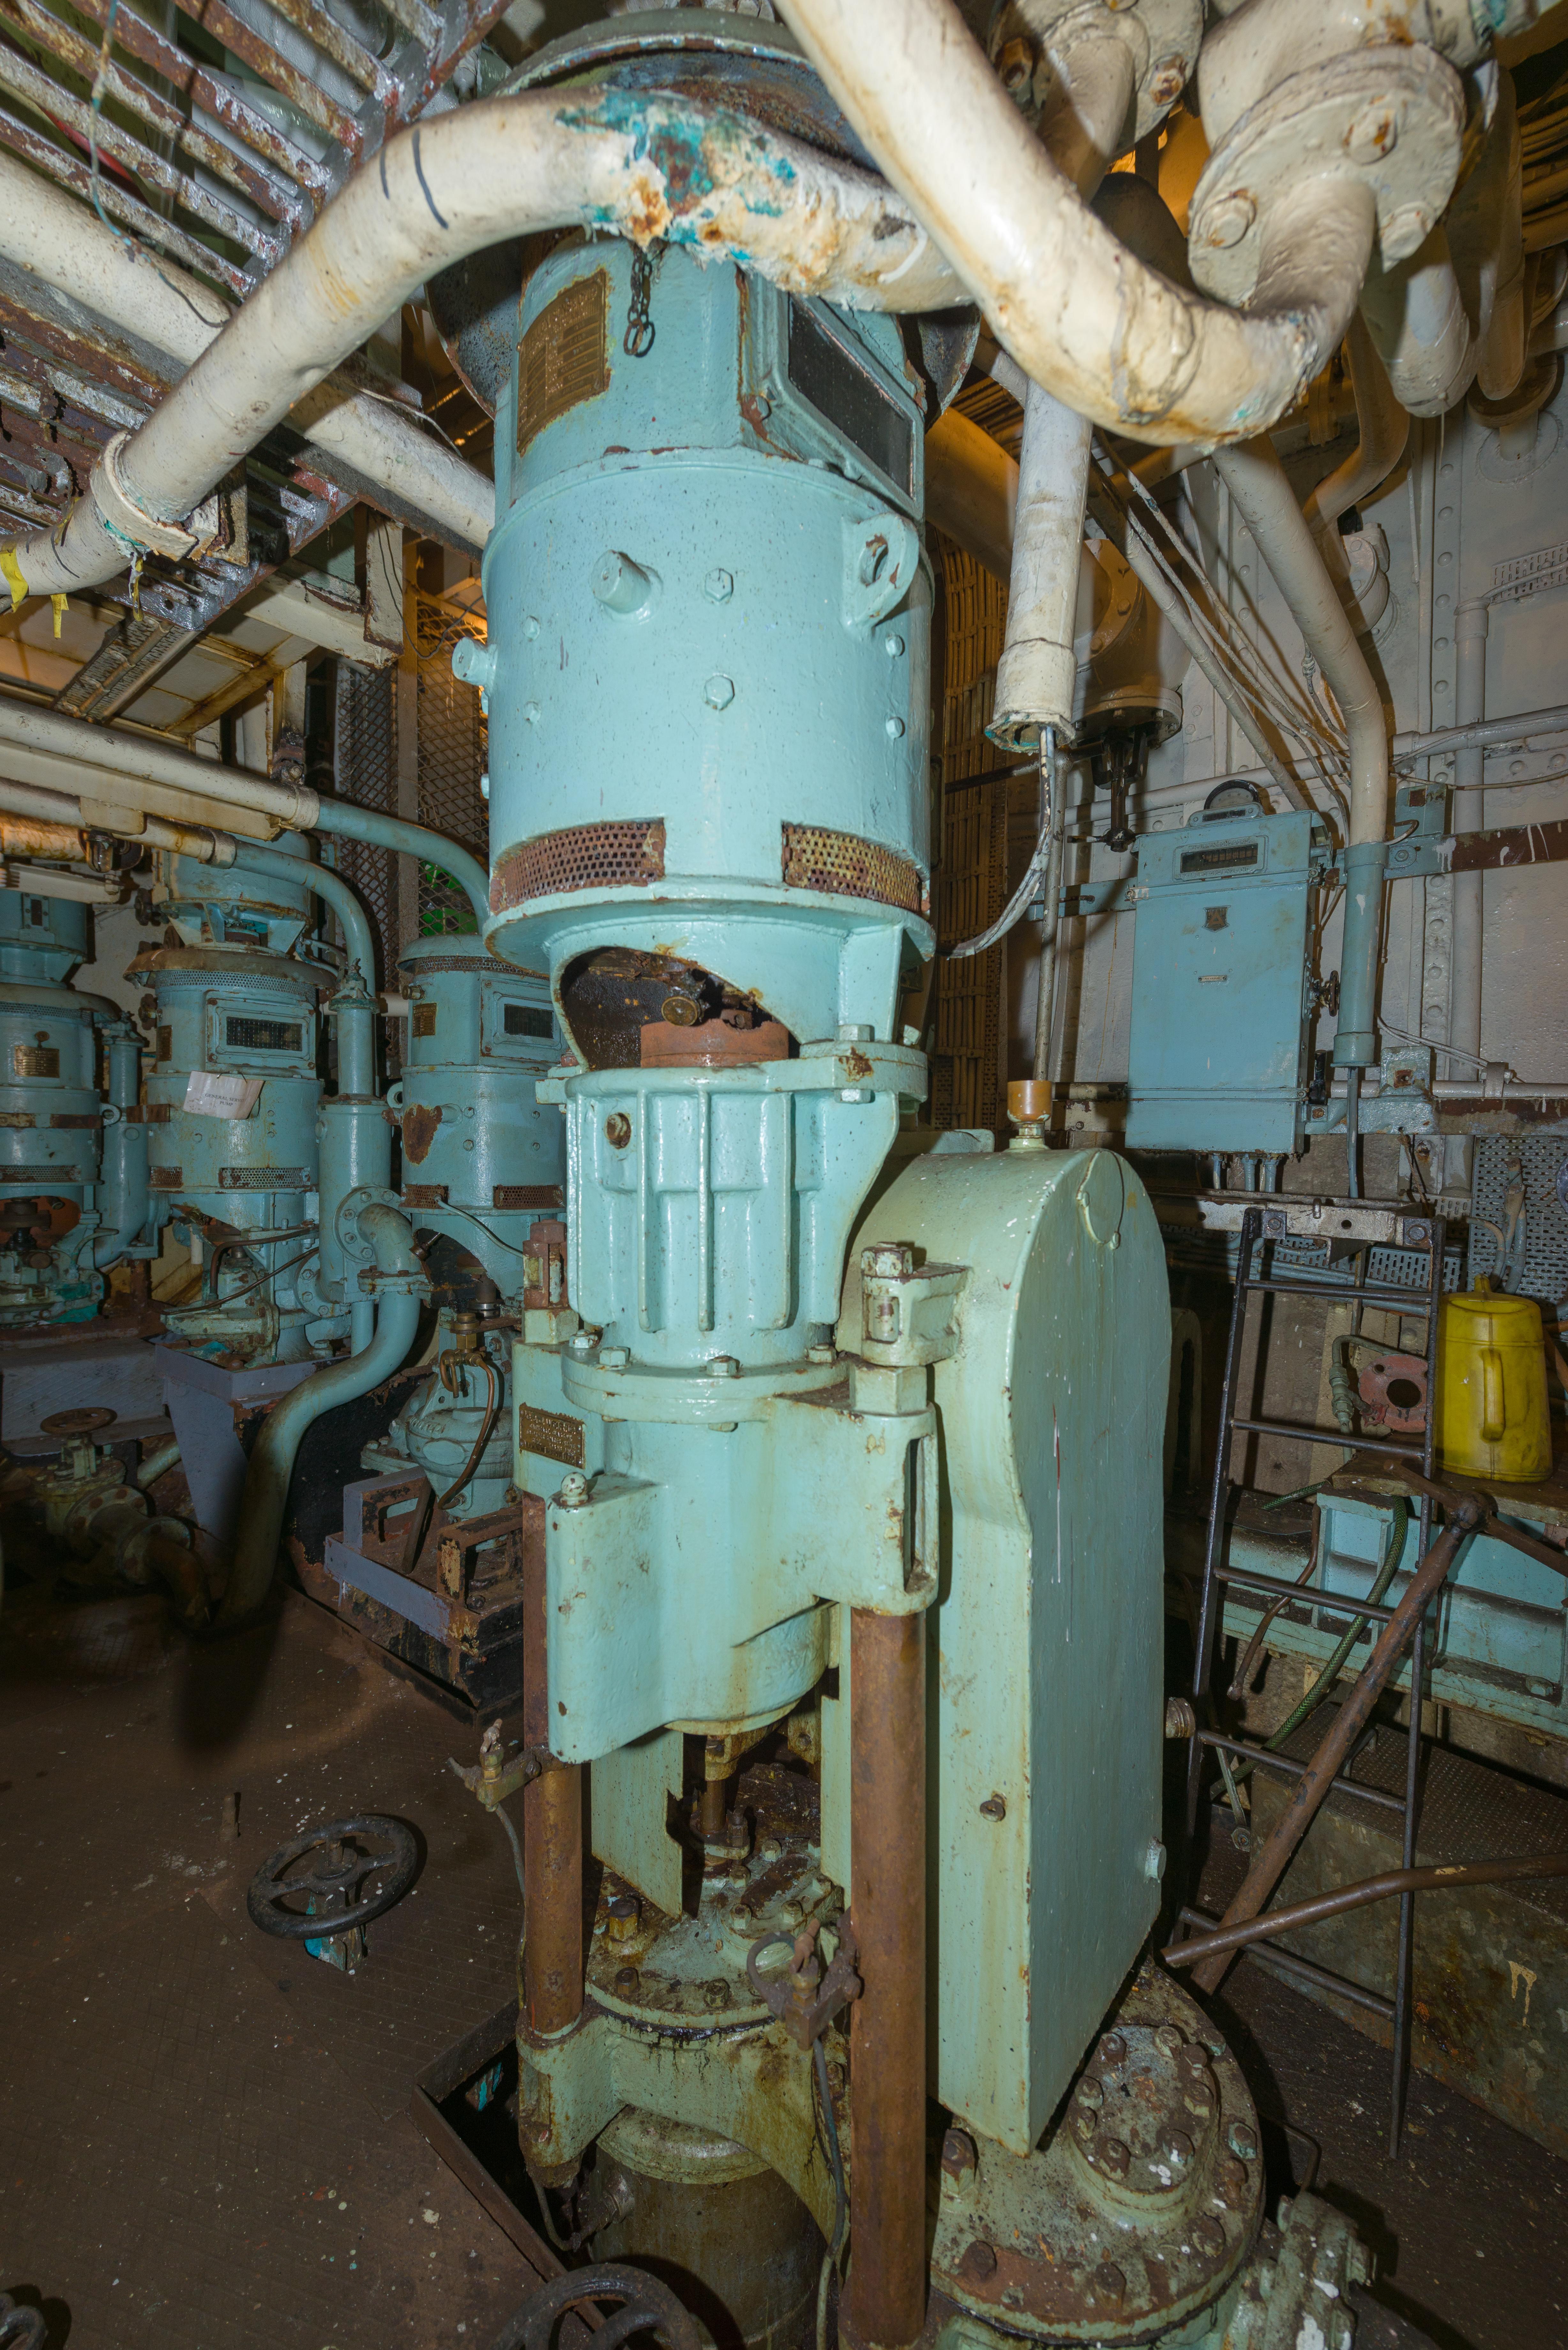 SS Explorer Main Air Pump